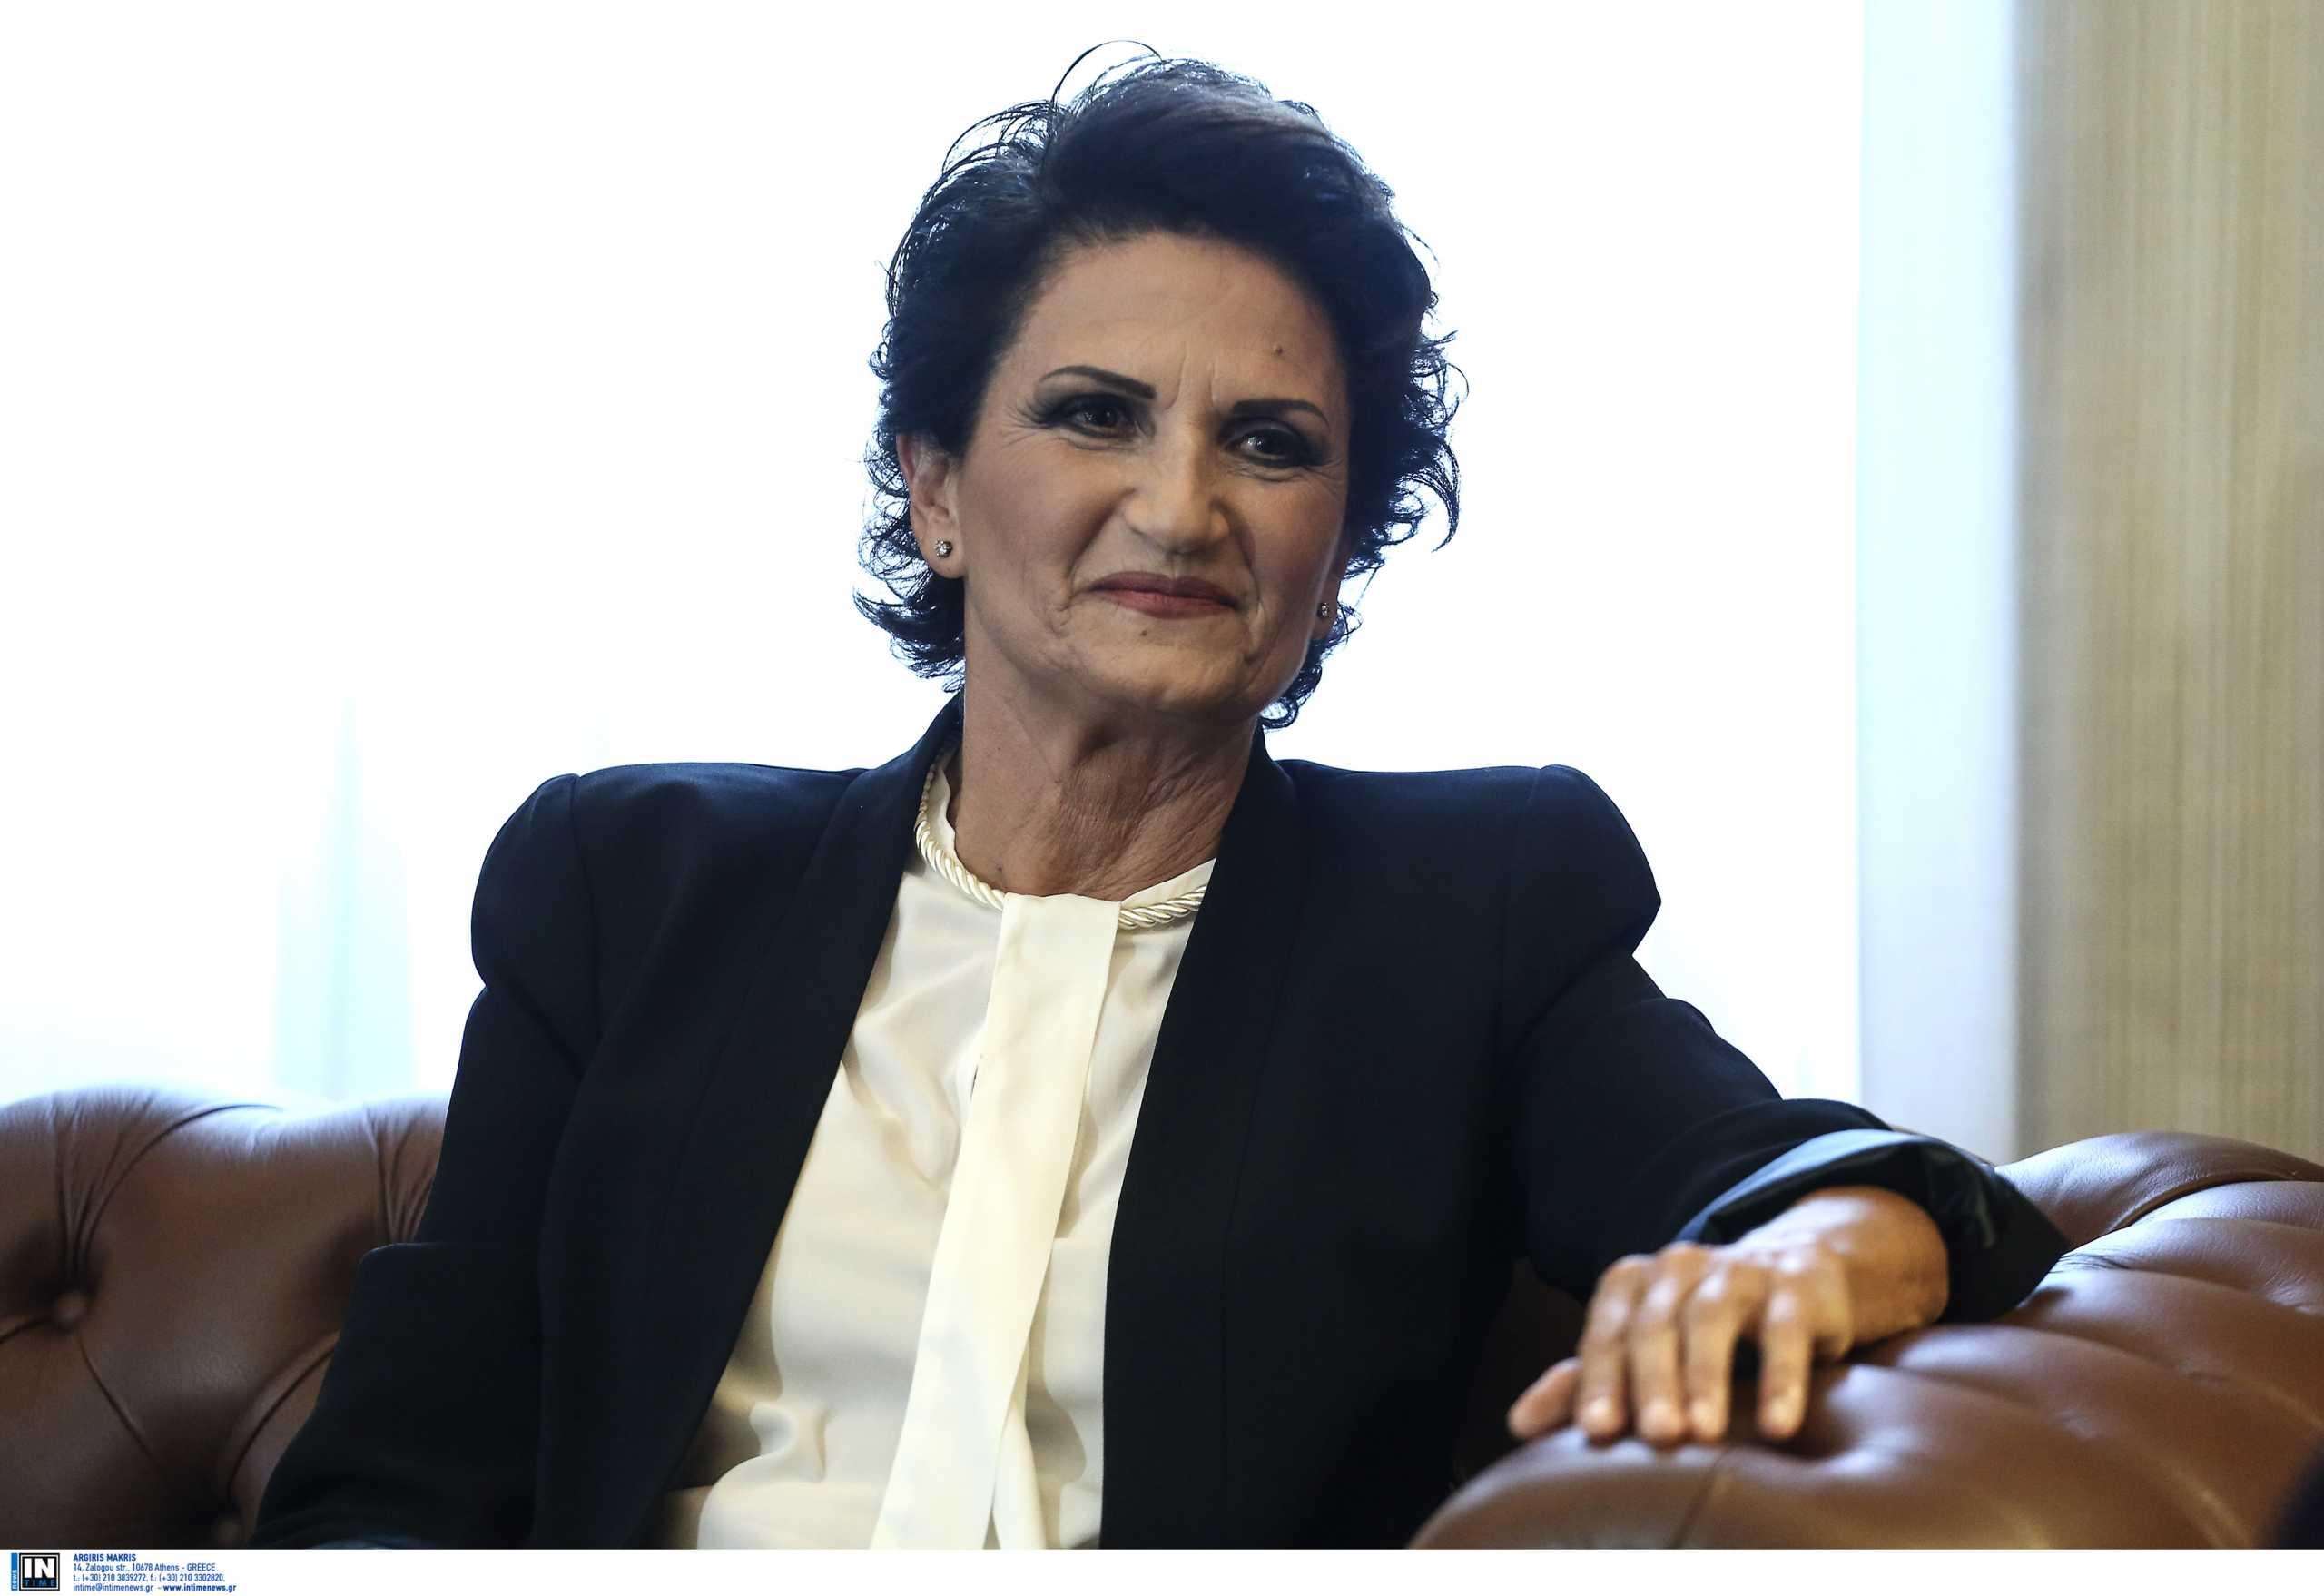 Μίκης Θεοδωράκης: «Μελοποίησε την Ελλάδα» – Το «αντίο» της Άλκηστις Πρωτοψάλτη